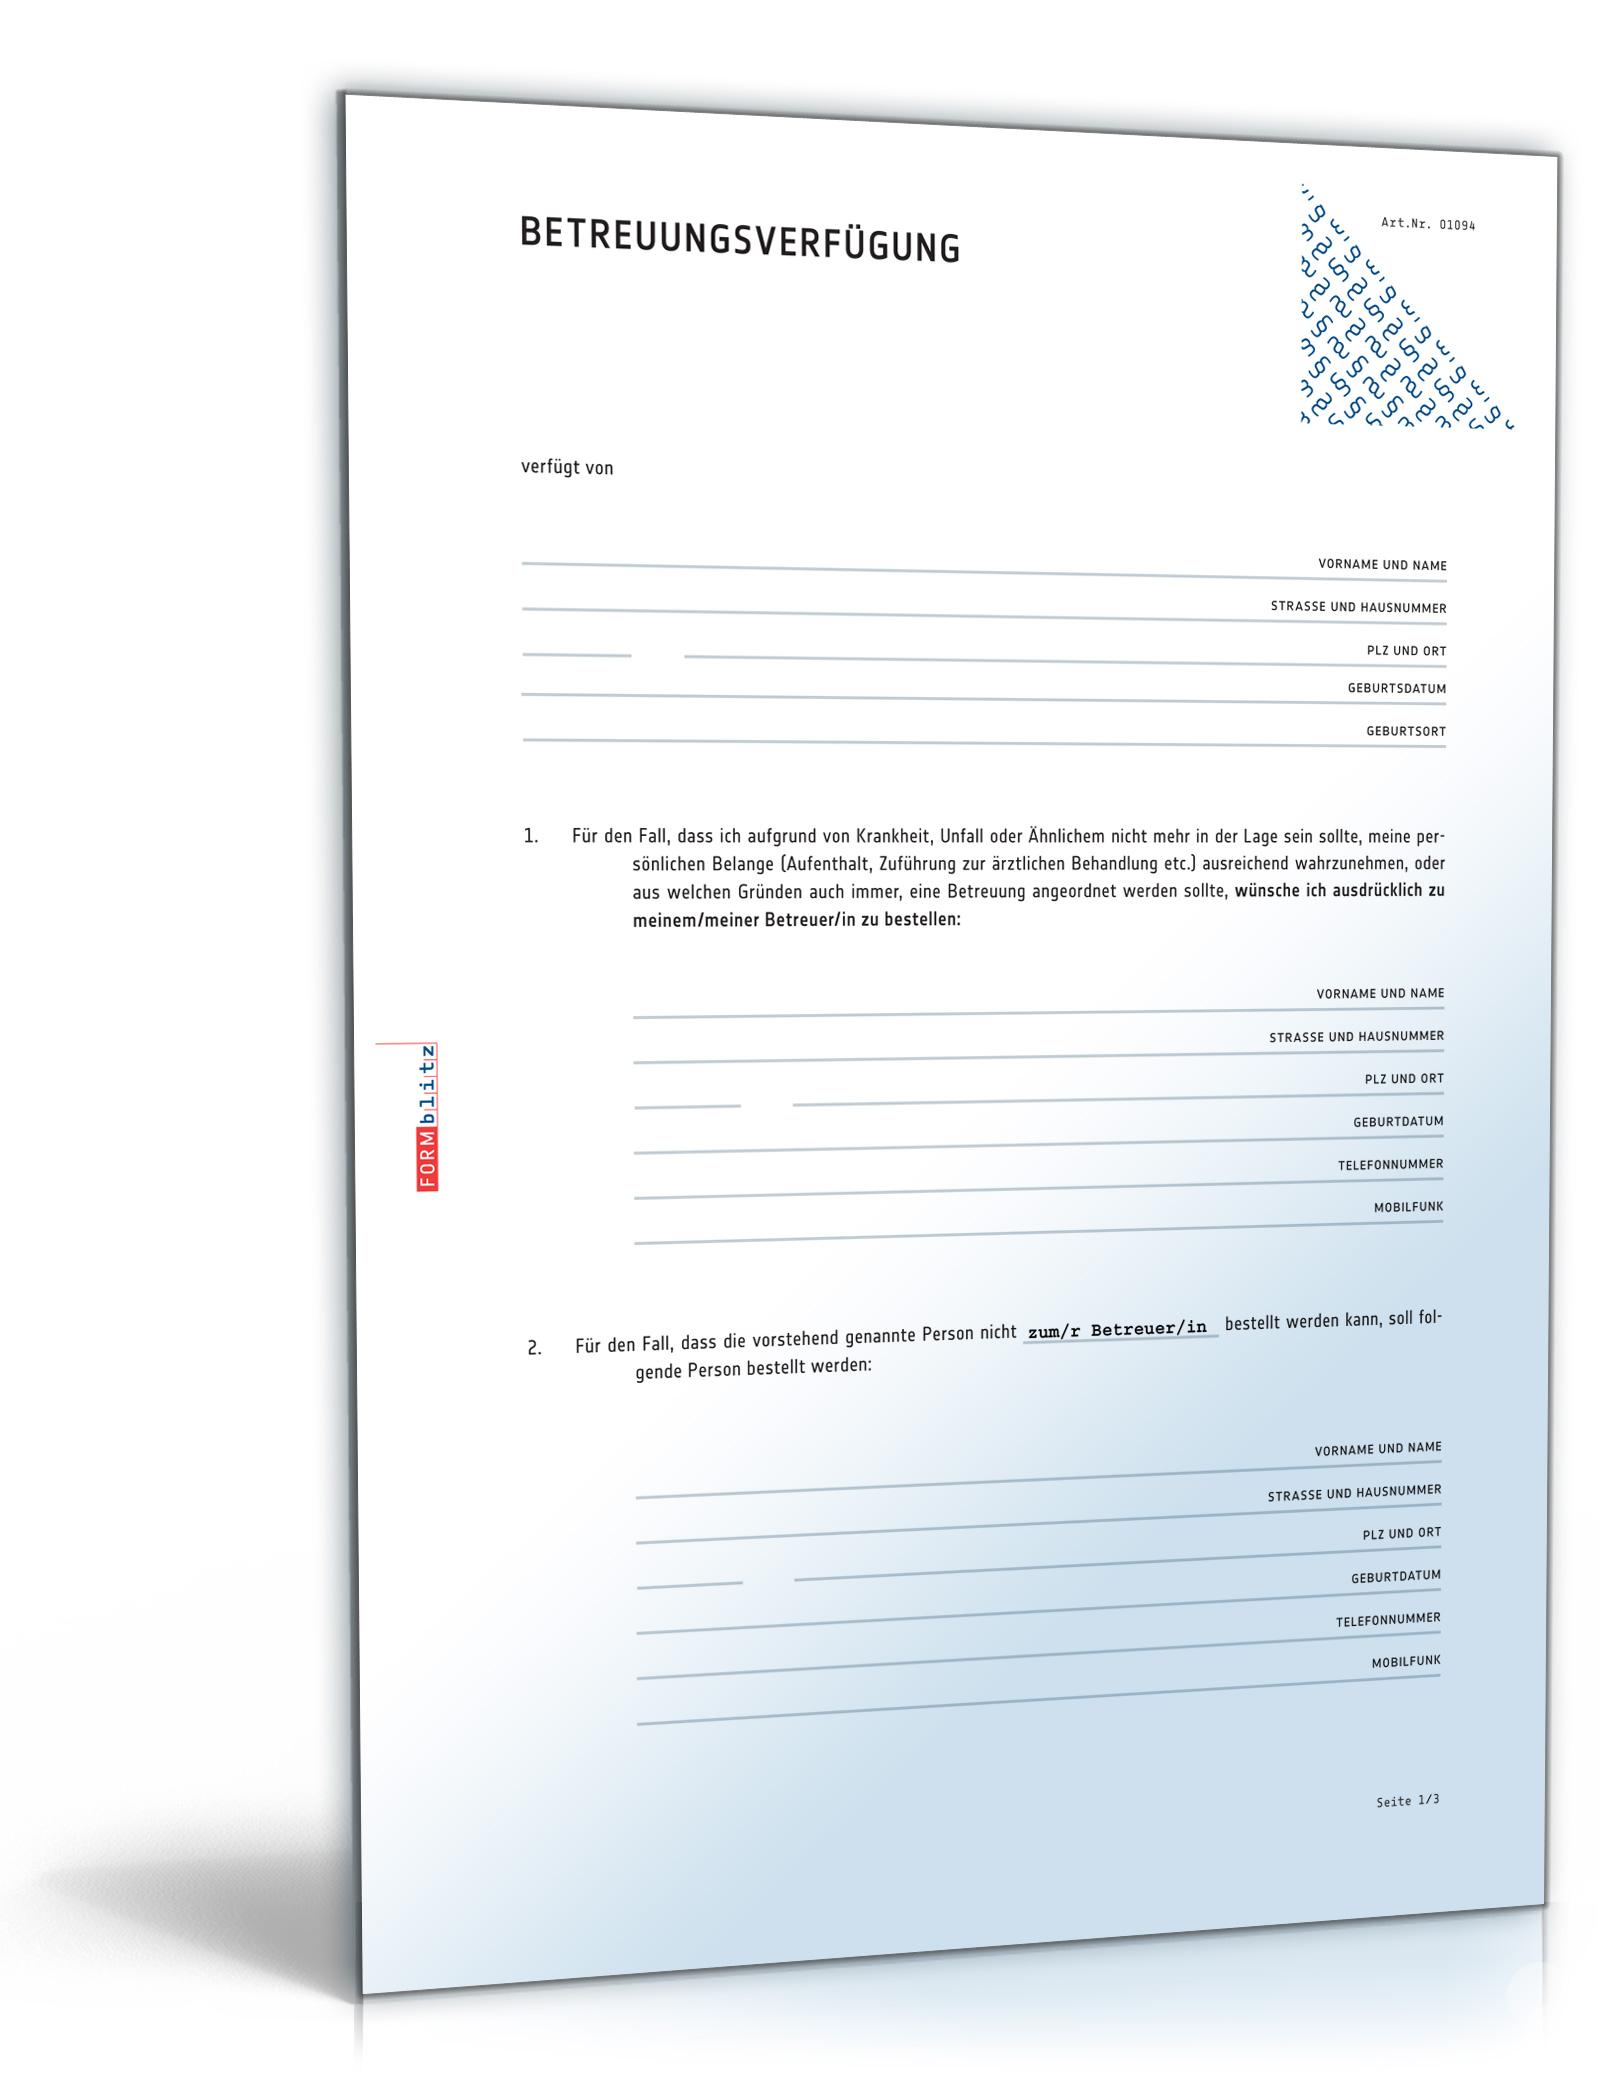 Einfache Betreuungsverfügung (PDF) [Download]